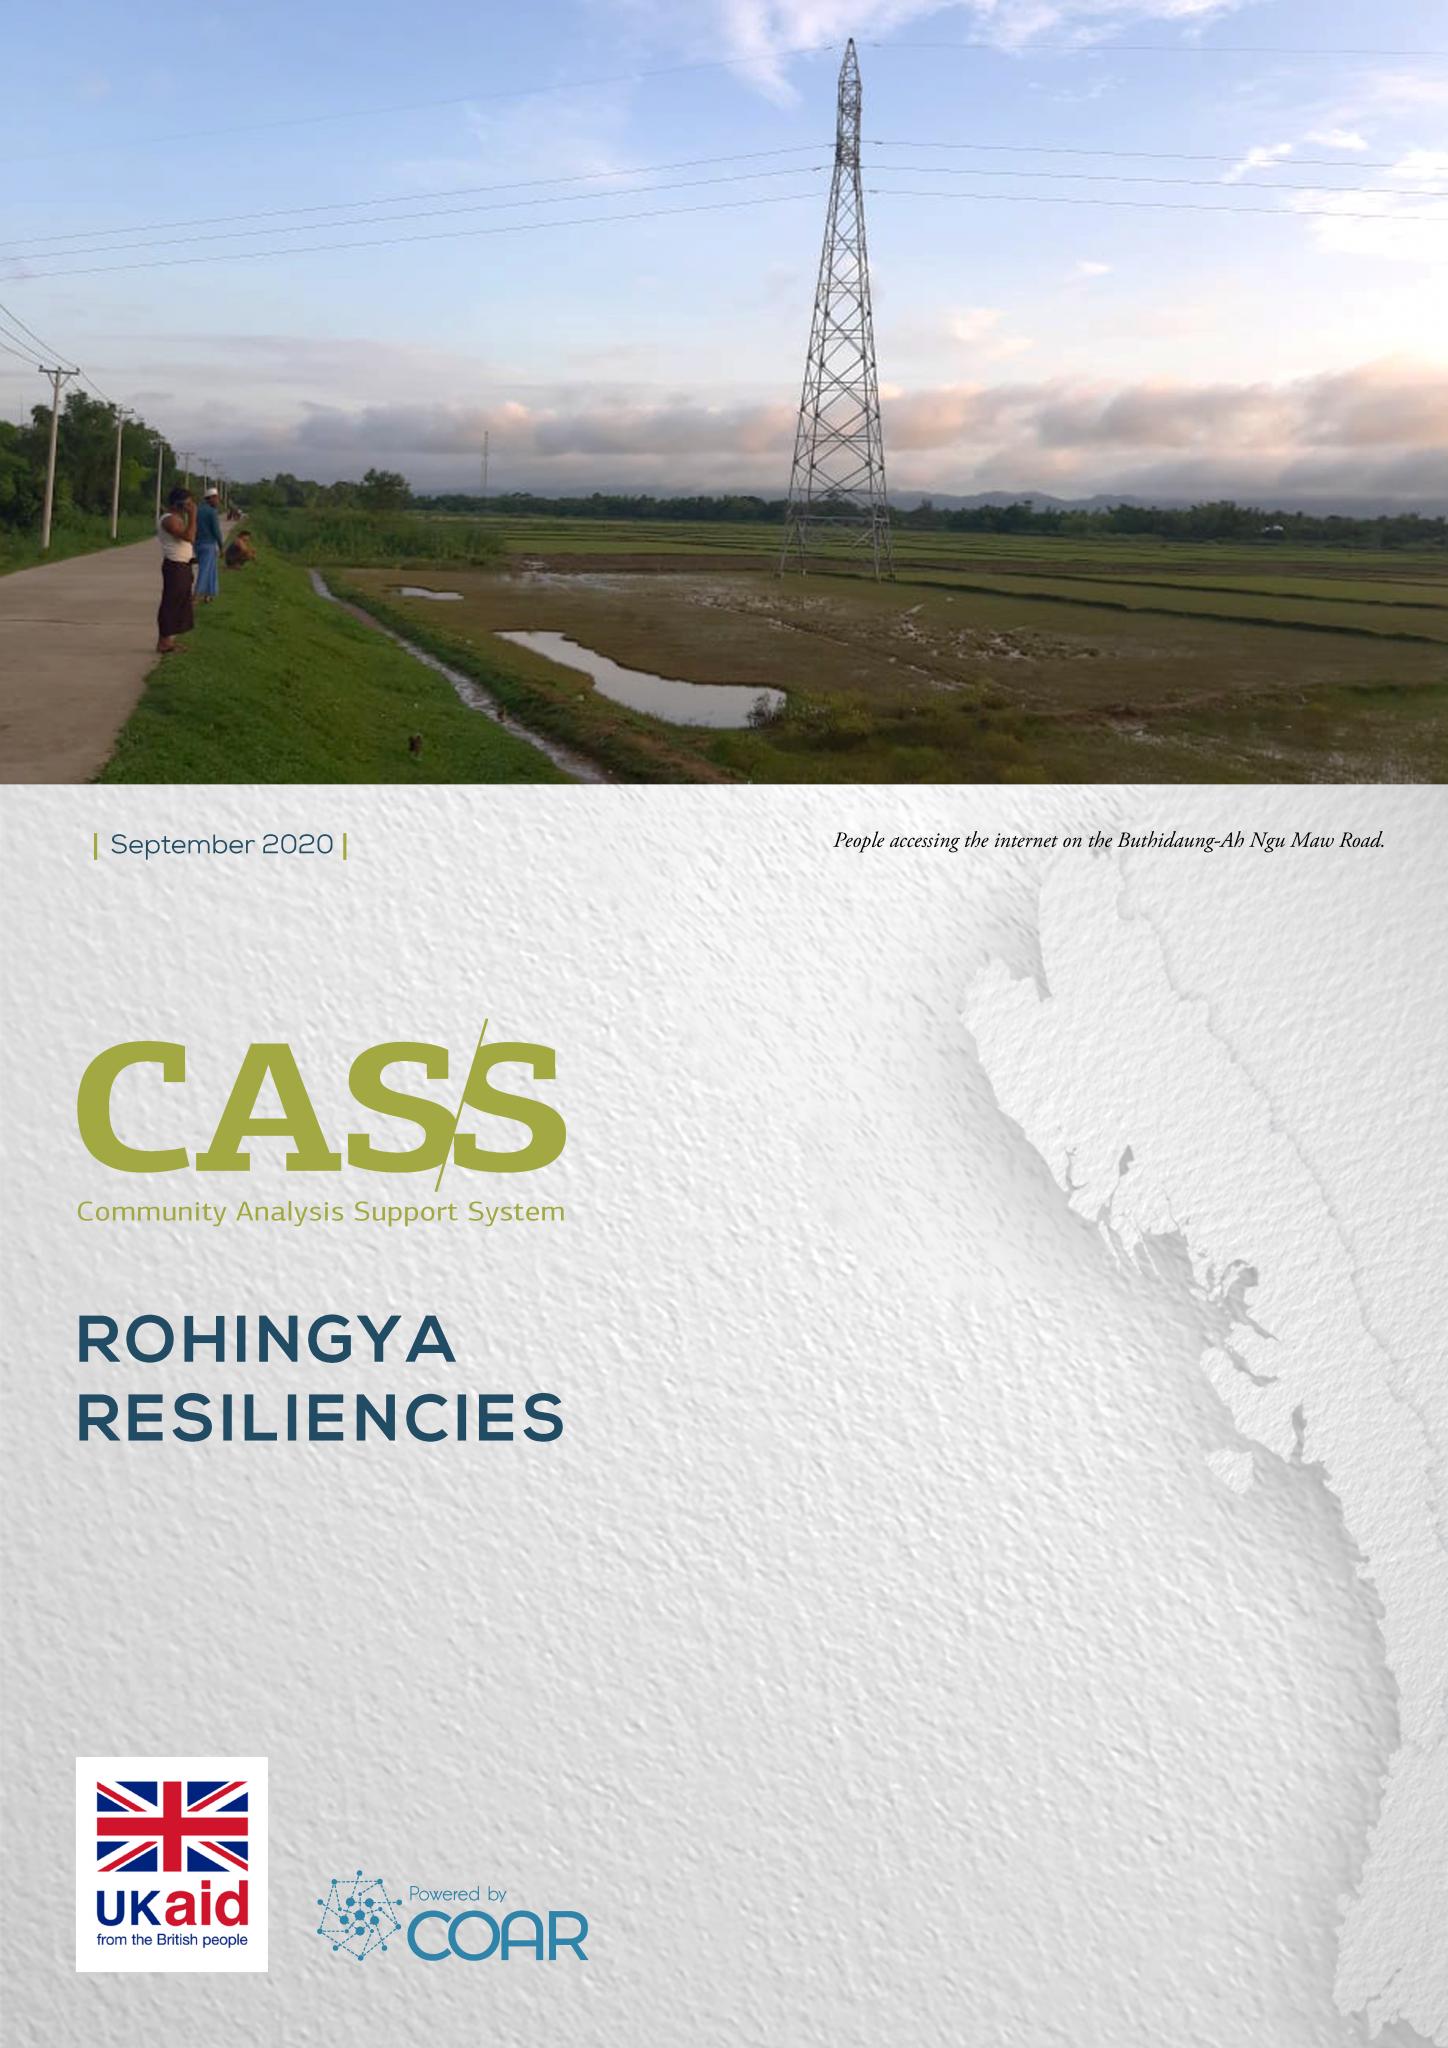 Rohingya Resiliencies